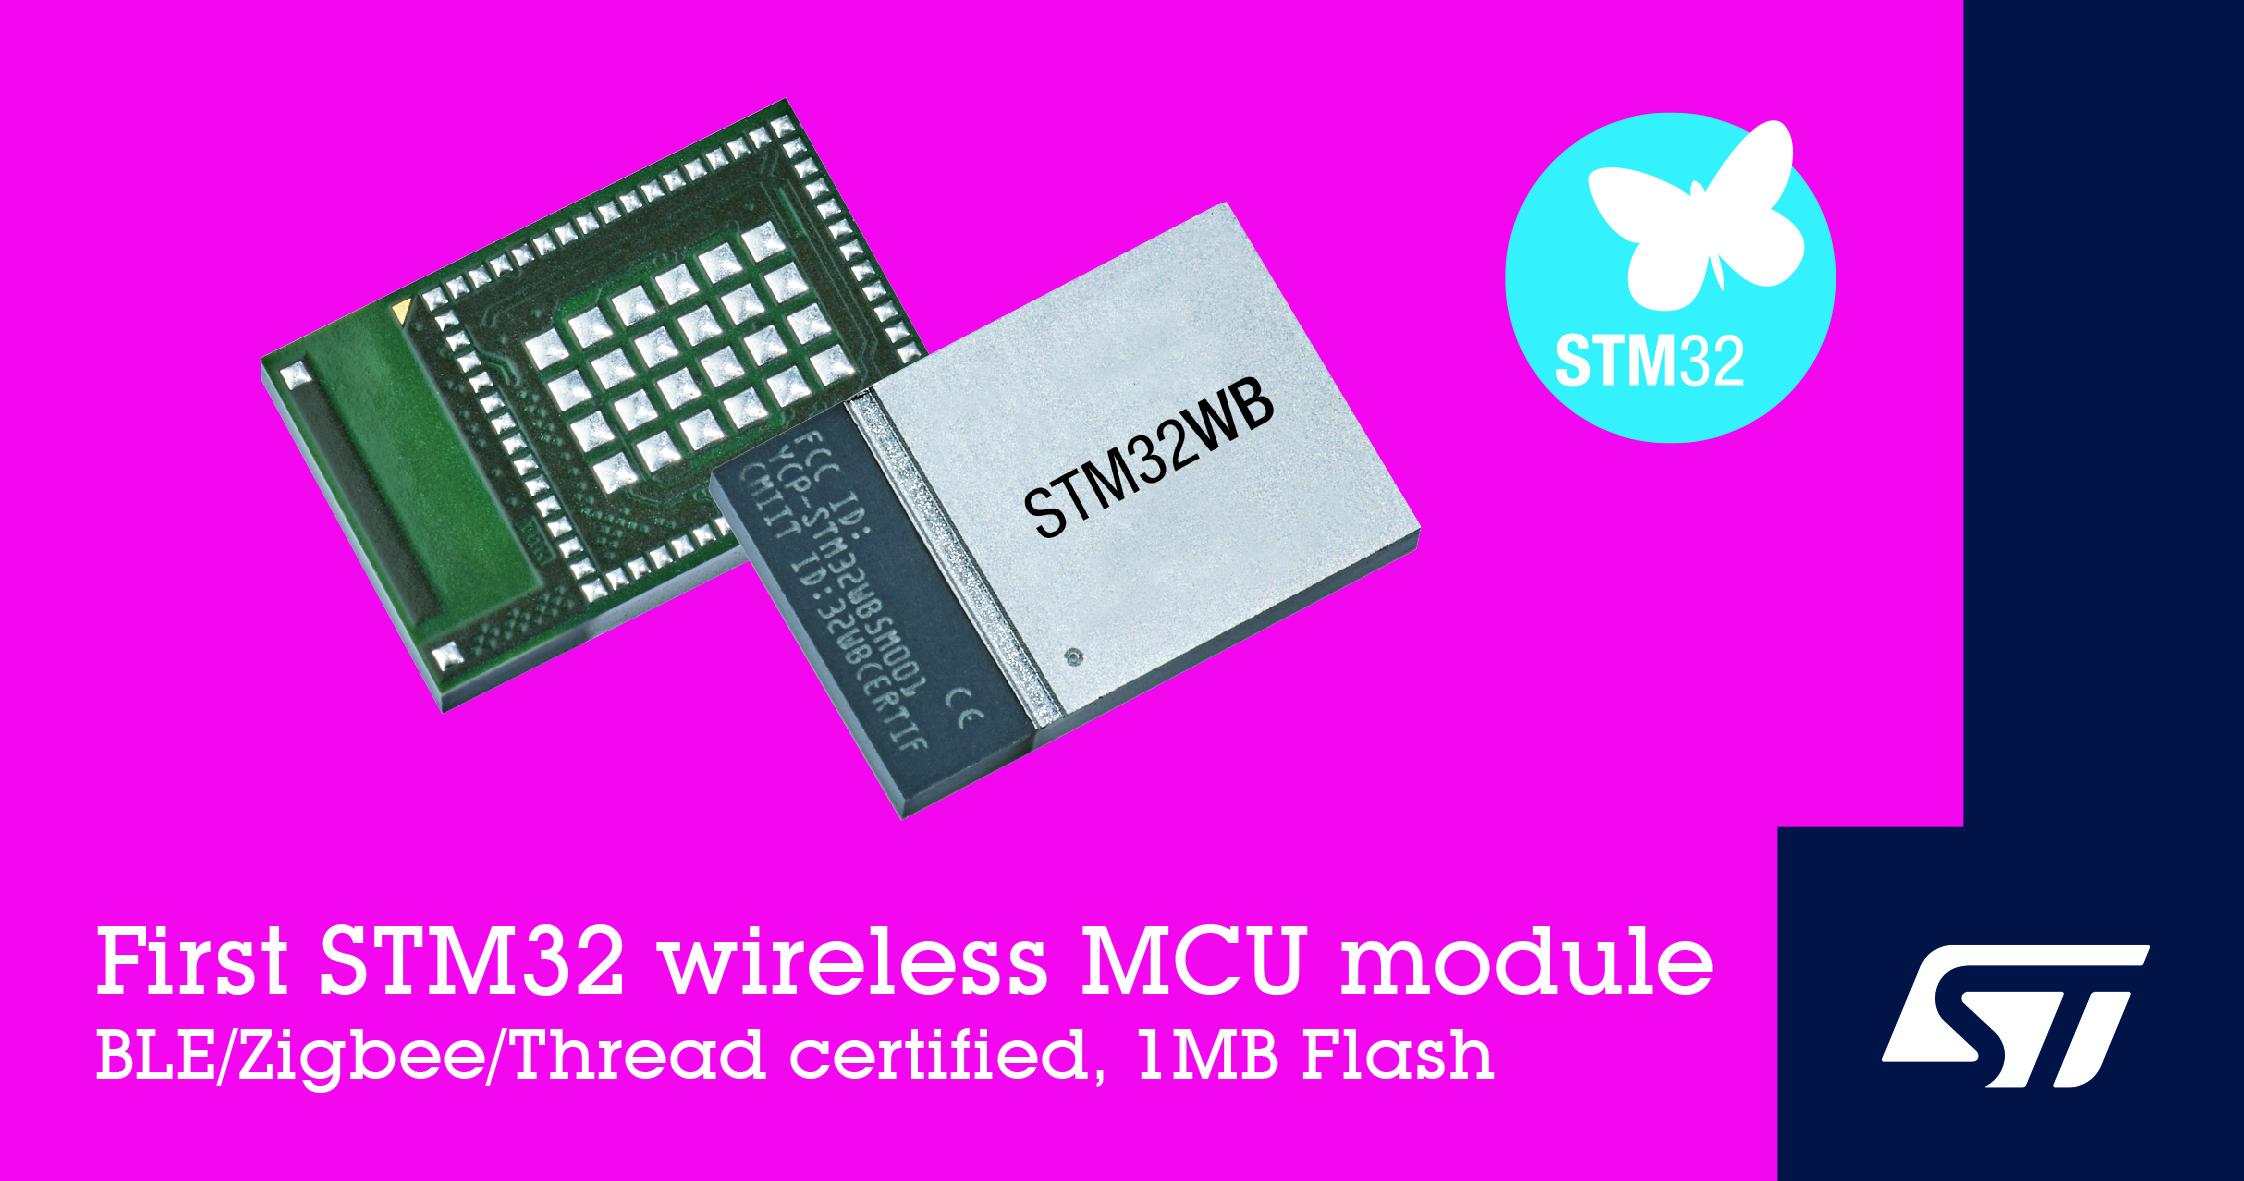 意法半导体推出首款STM32无线微控制器模块  提升物联网产品开发效率